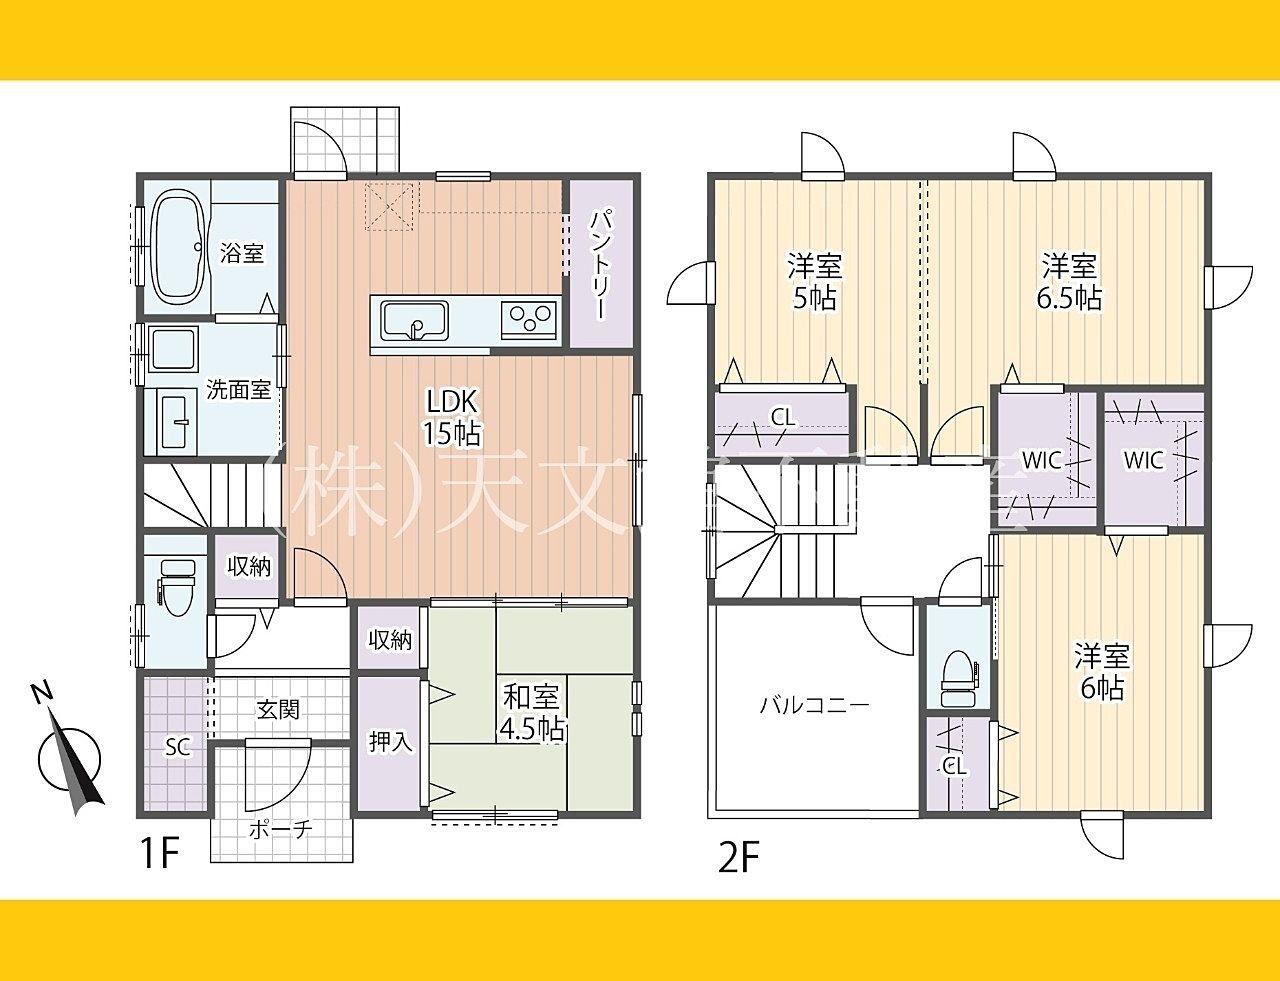 鹿児島市玉里町の3LDK新築戸建ての間取図です。